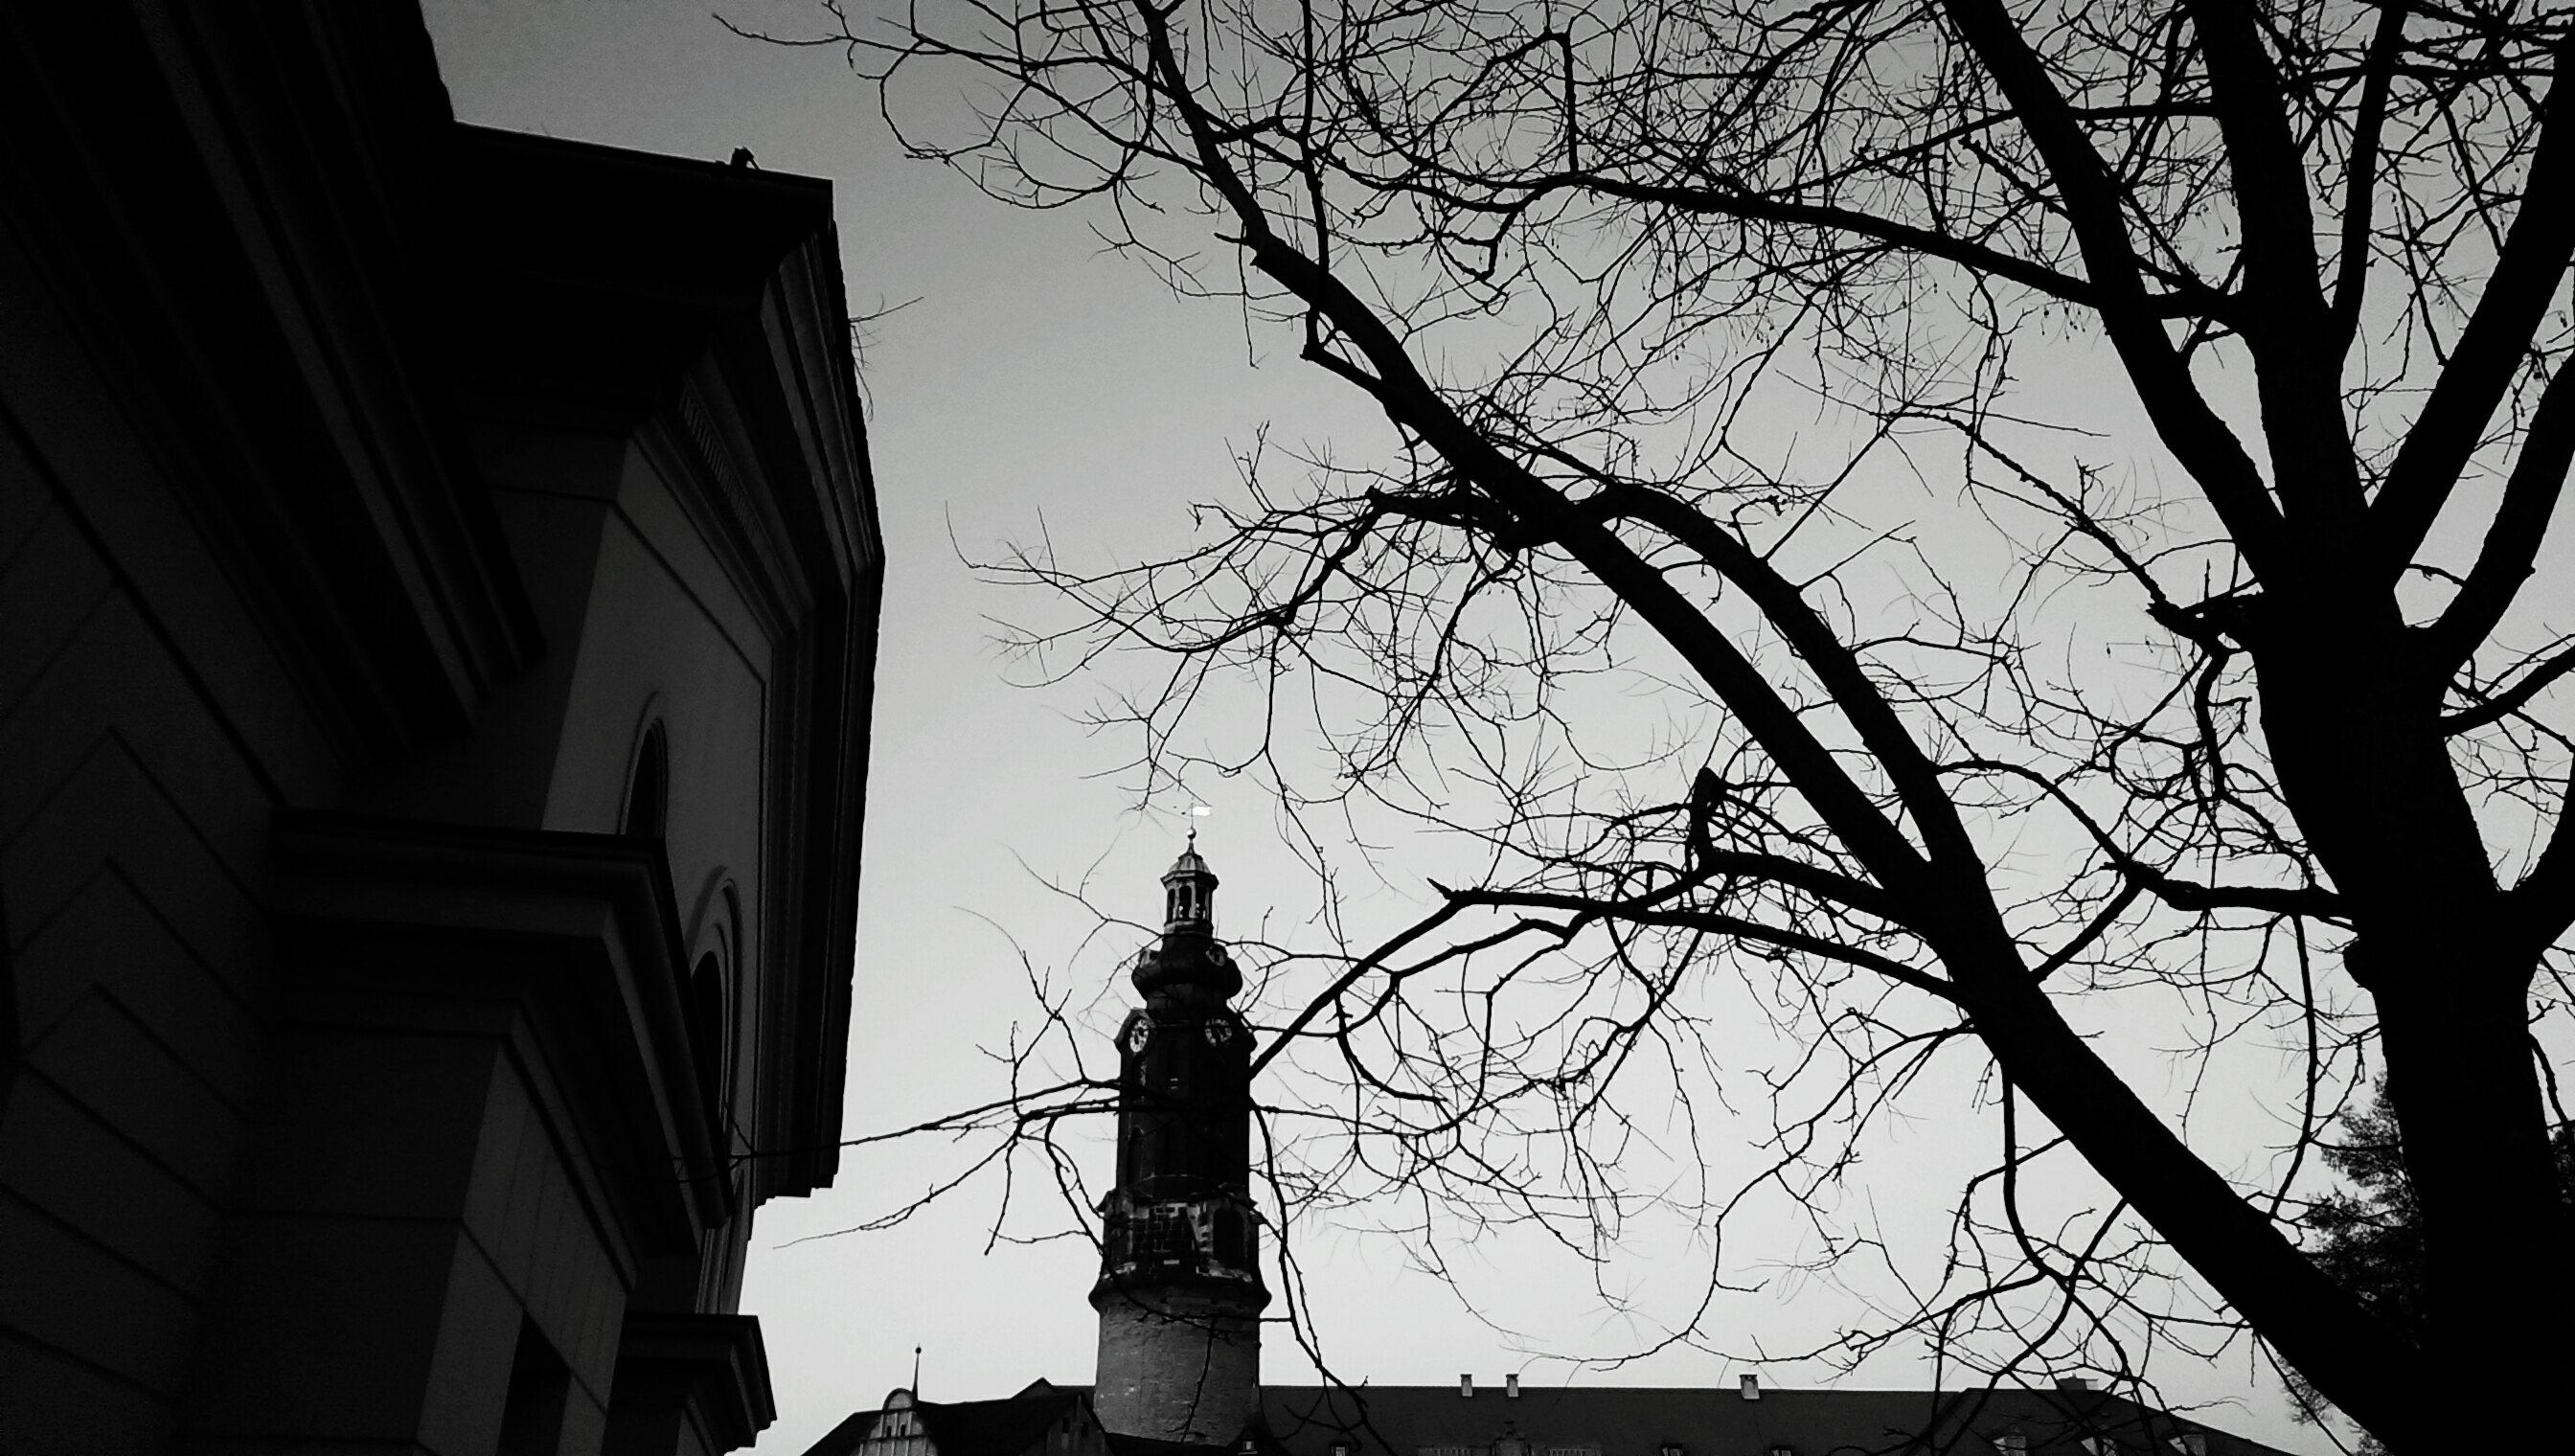 Berliner Zeilenpoet Gedichte Lyrik Poesie Trauer Abschied